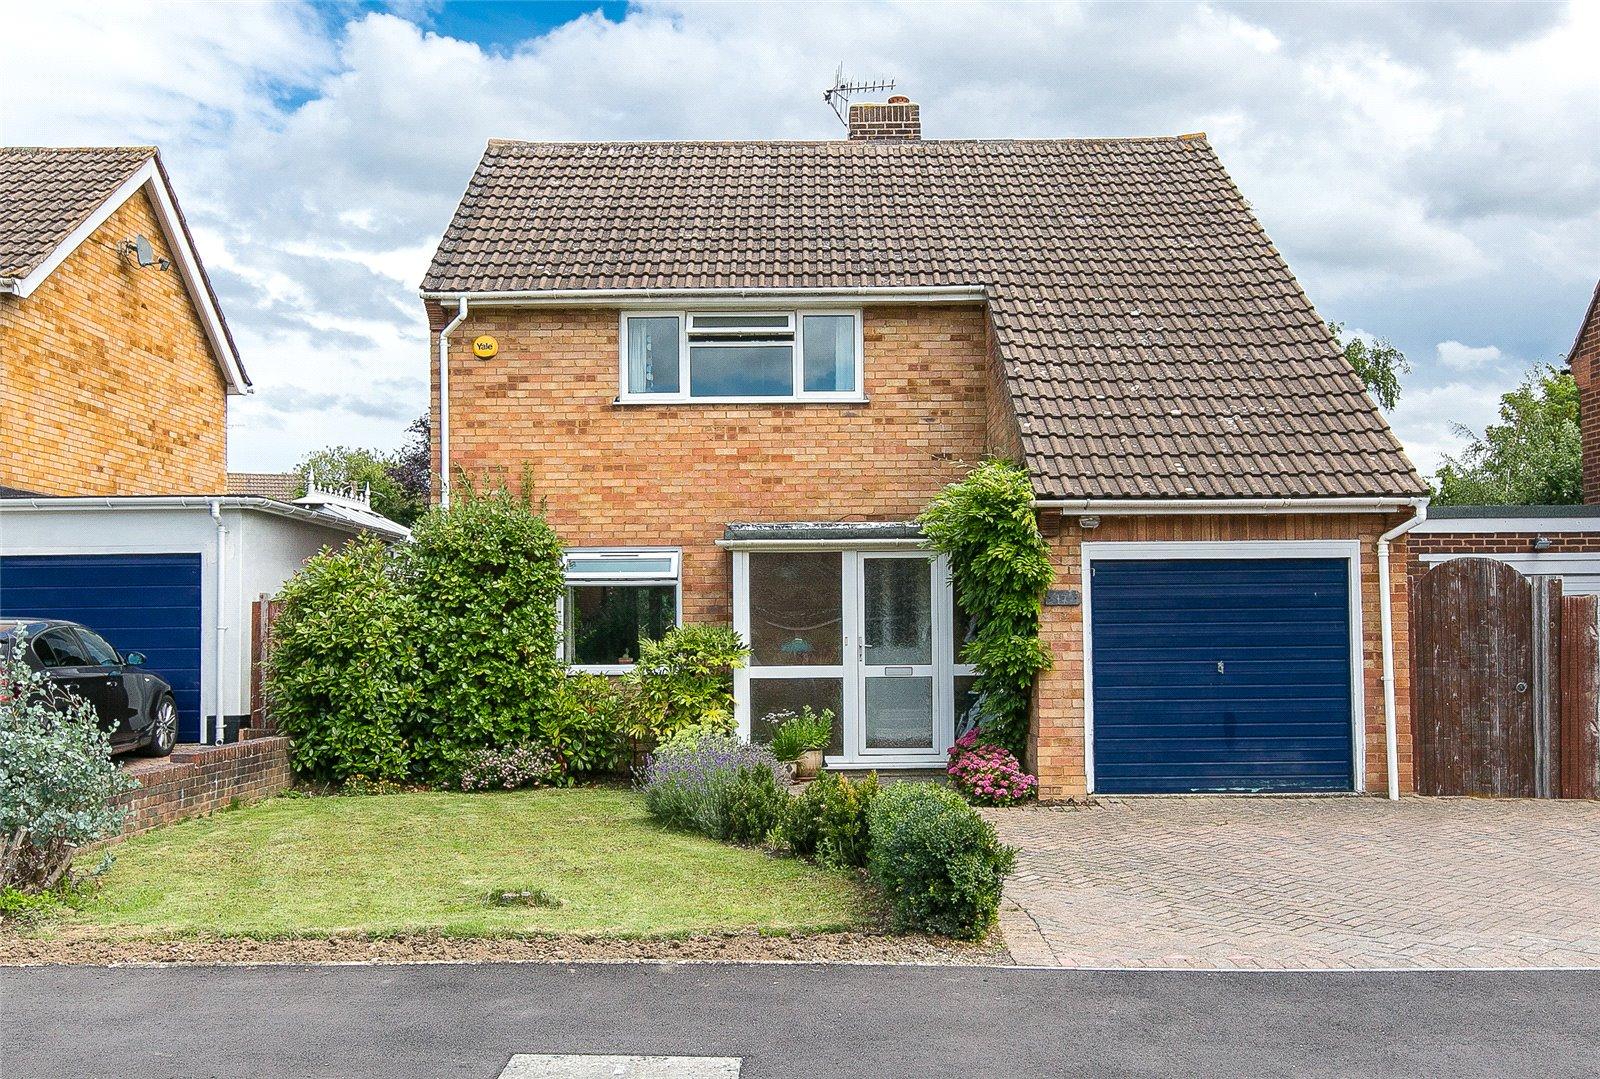 Woodview Crescent, Hildenborough, Tonbridge, Kent, TN11